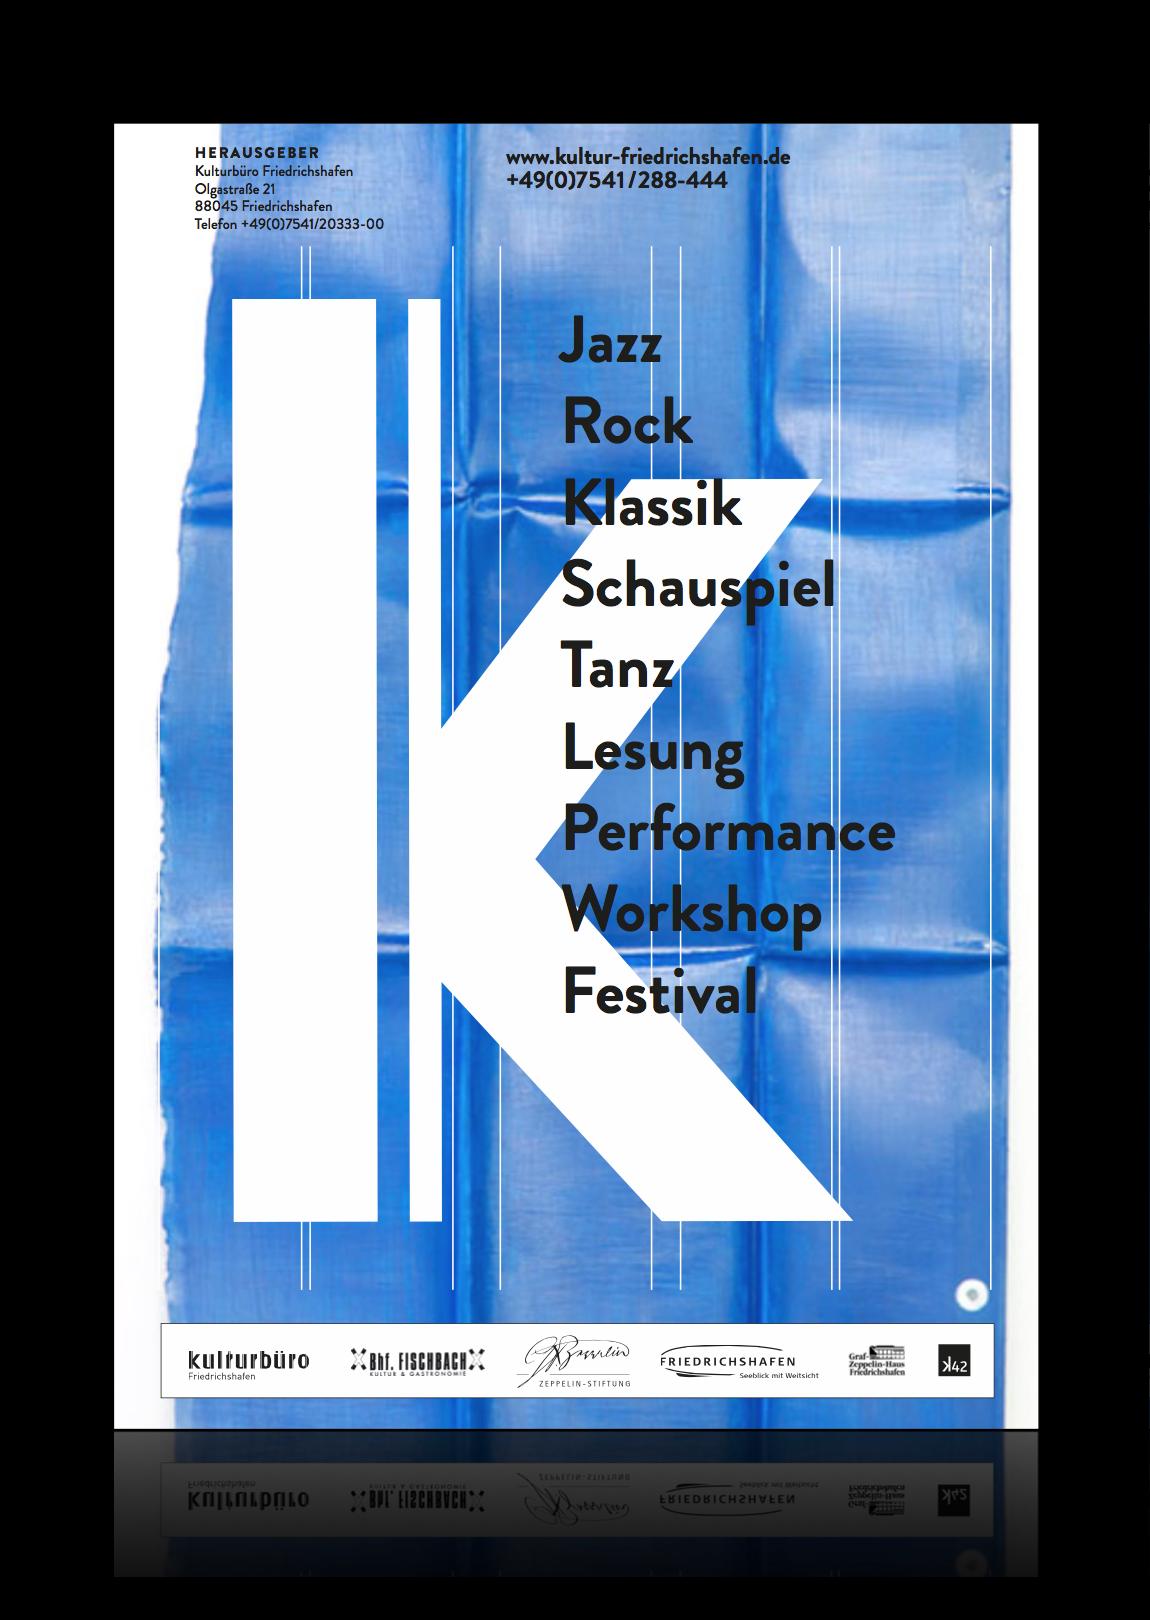 Engenhart Design Kulturbüro Friedrichshafen